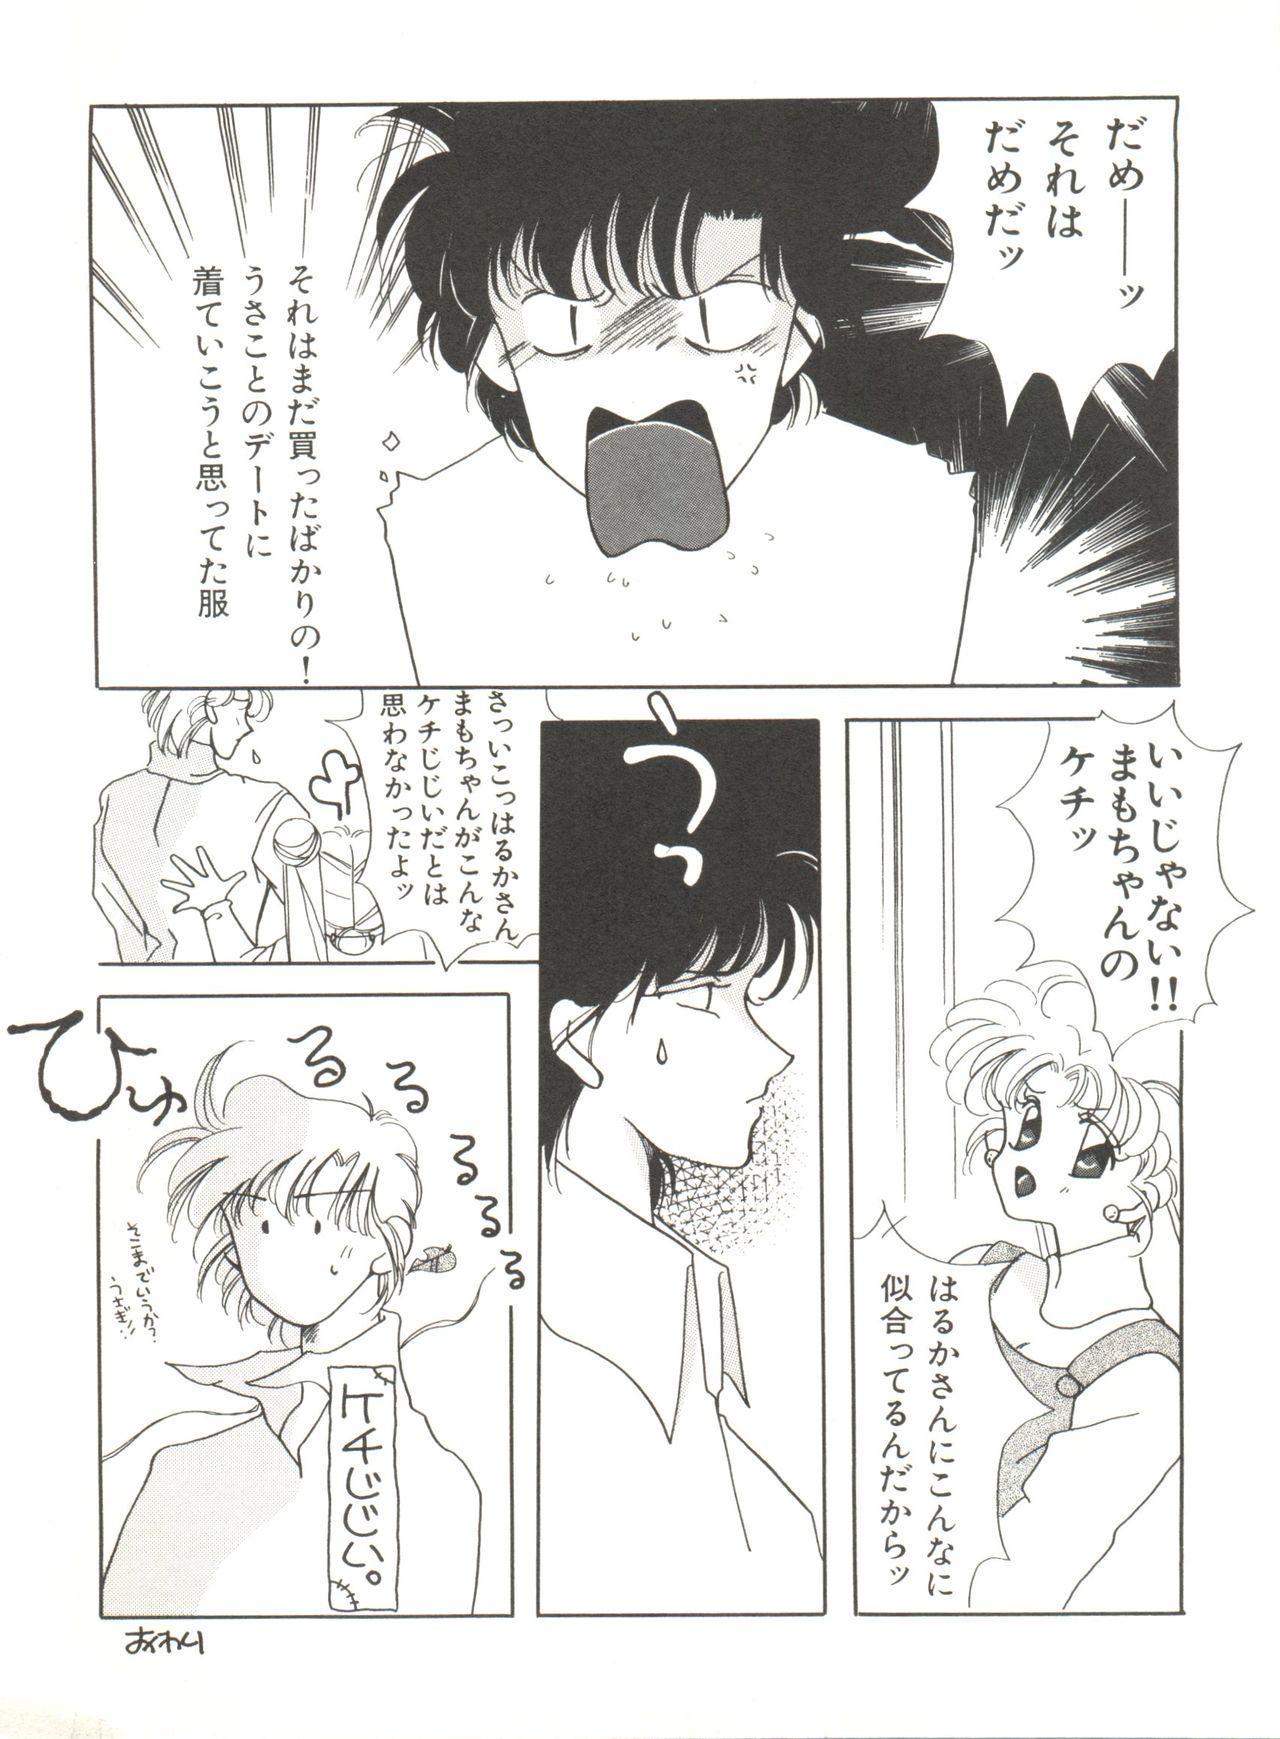 Bishoujo Doujinshi Anthology 12 - Moon Paradise 7 Tsuki no Rakuen 119